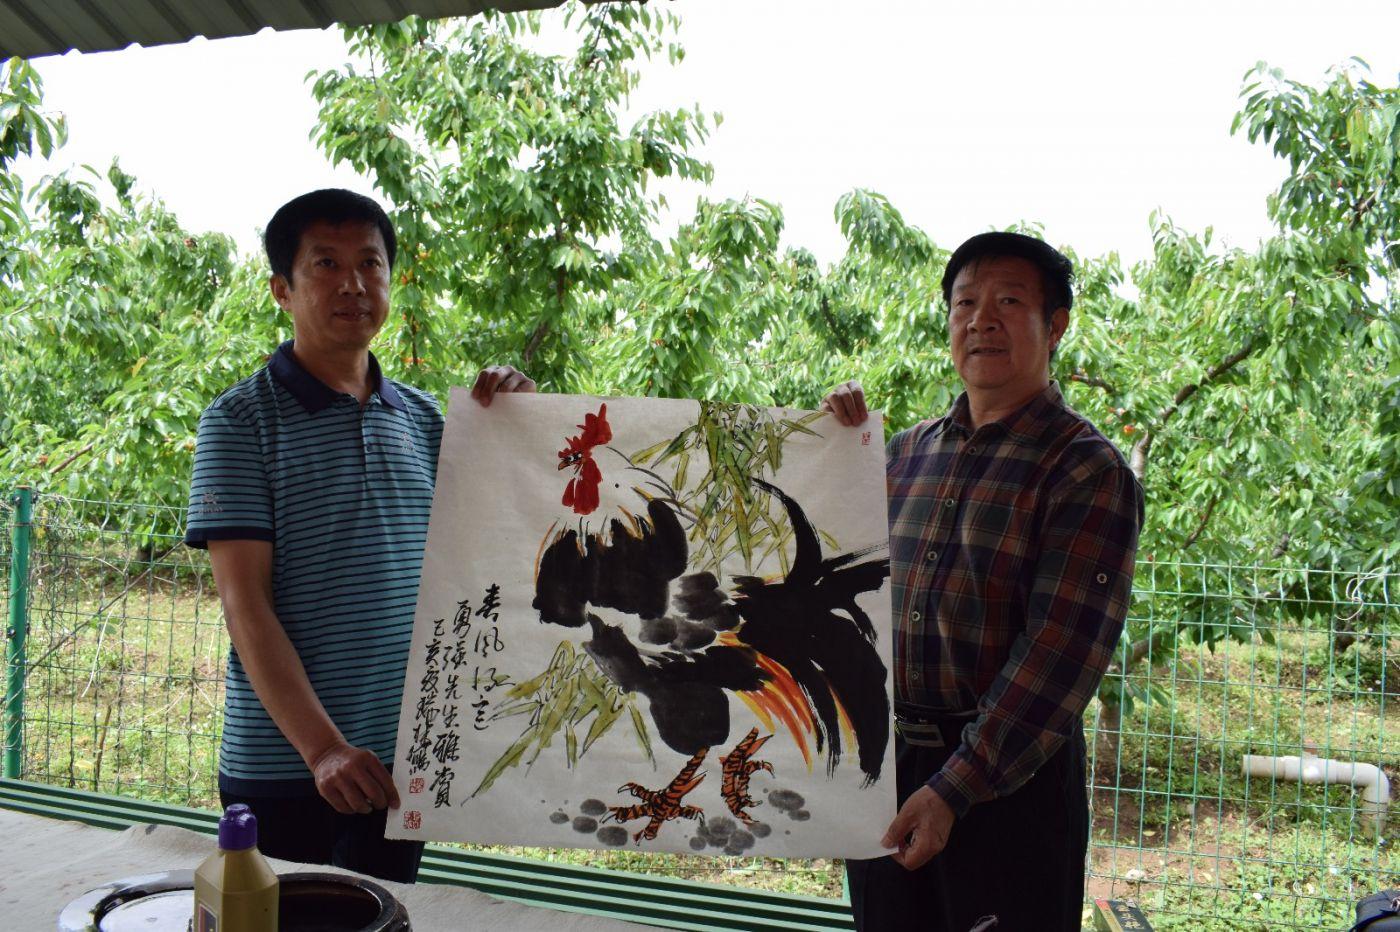 金龙祥和樱桃红_图1-10